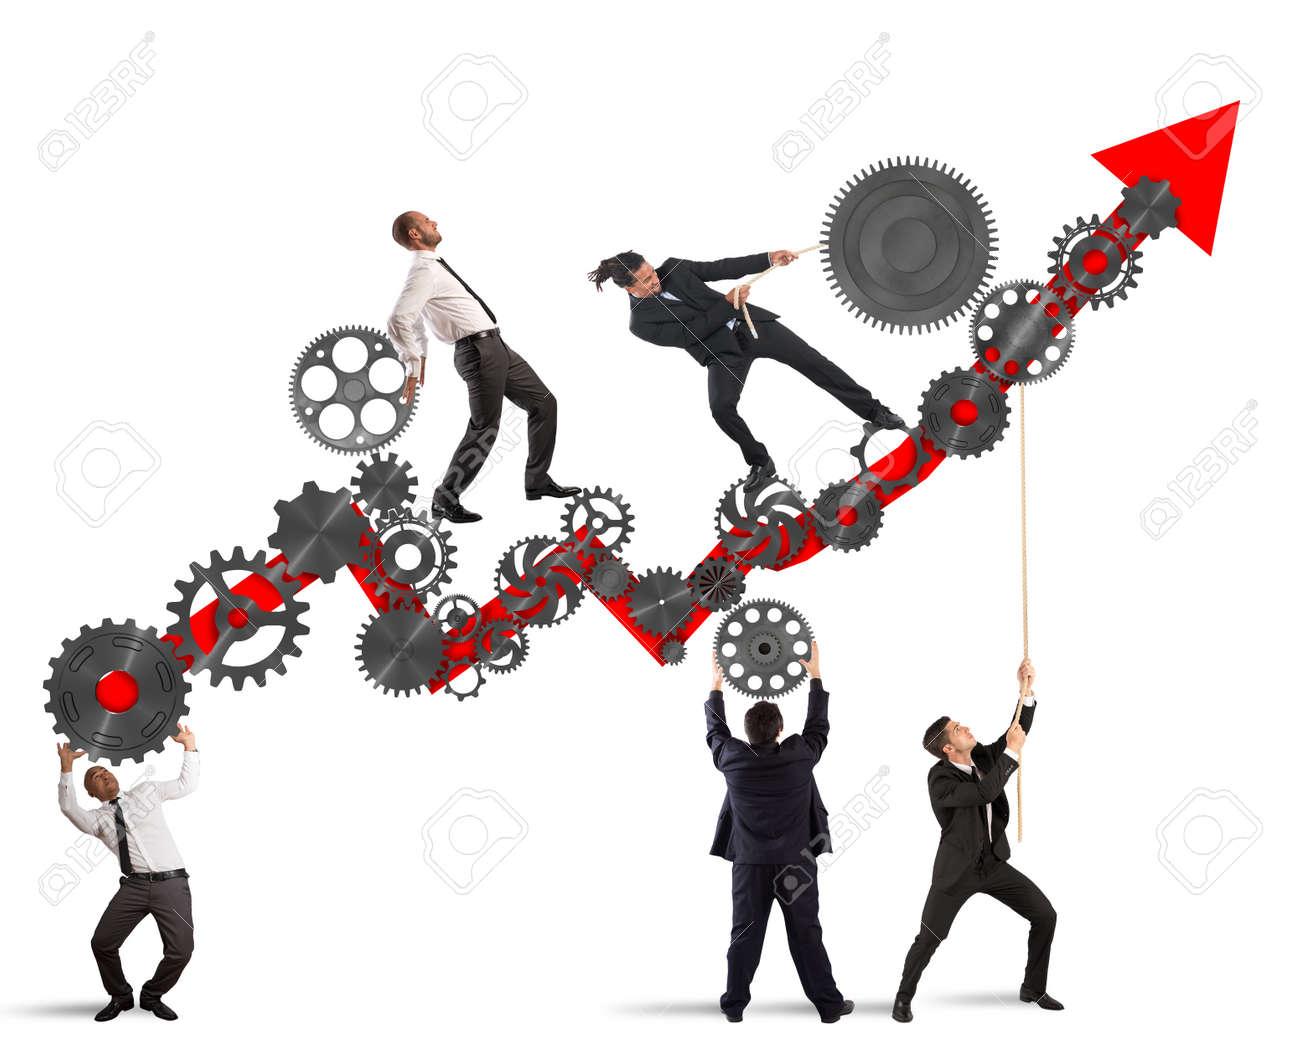 Teamwork build an arrow upwards with gears mechanism Standard-Bild - 64965834